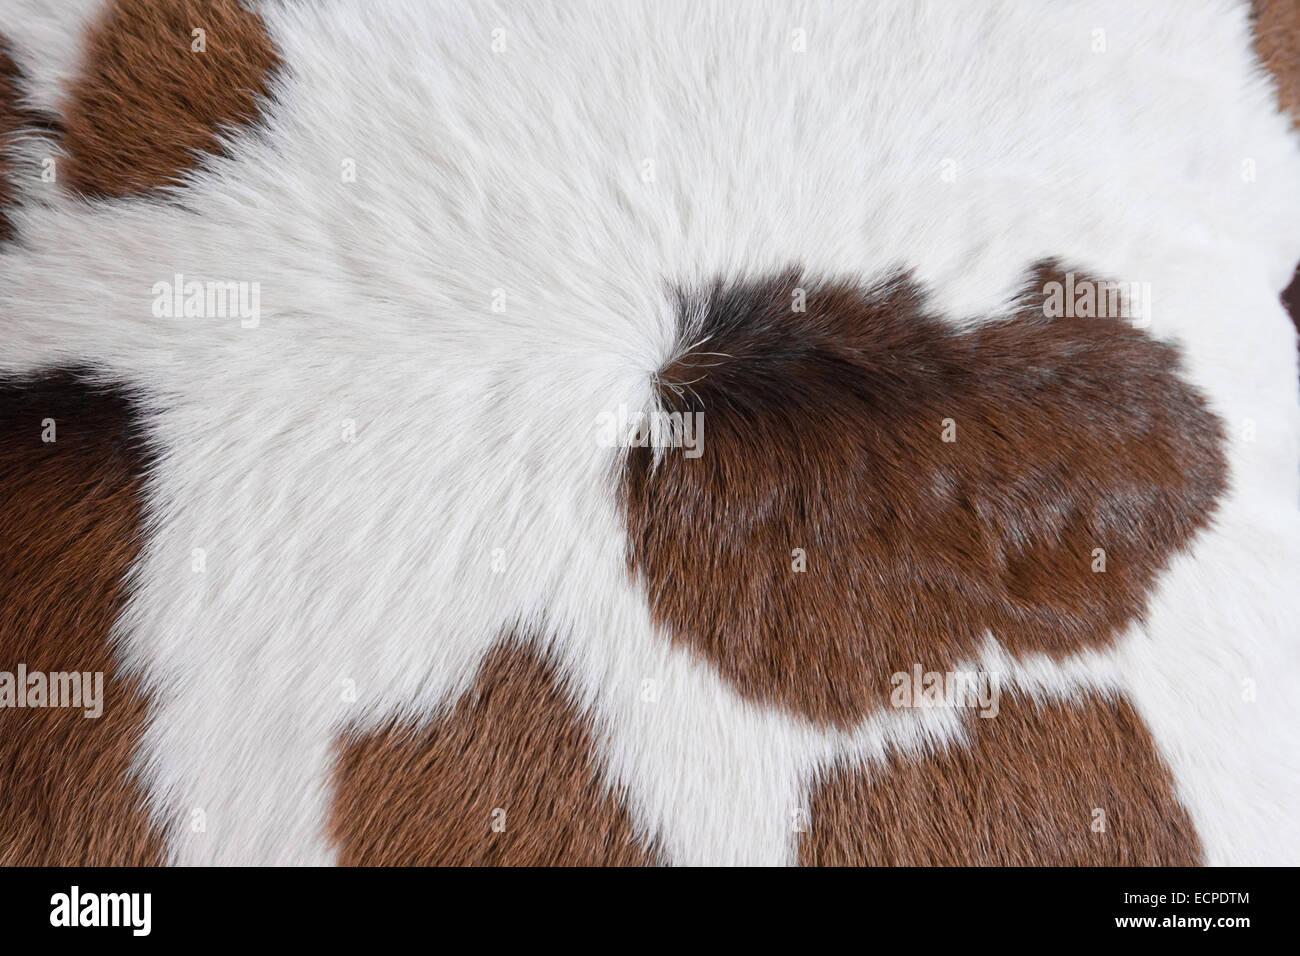 Wunderschön Tierfell Teppich Das Beste Von Fell Mit Kuh Haut Muster Hintergrund Stockbild.